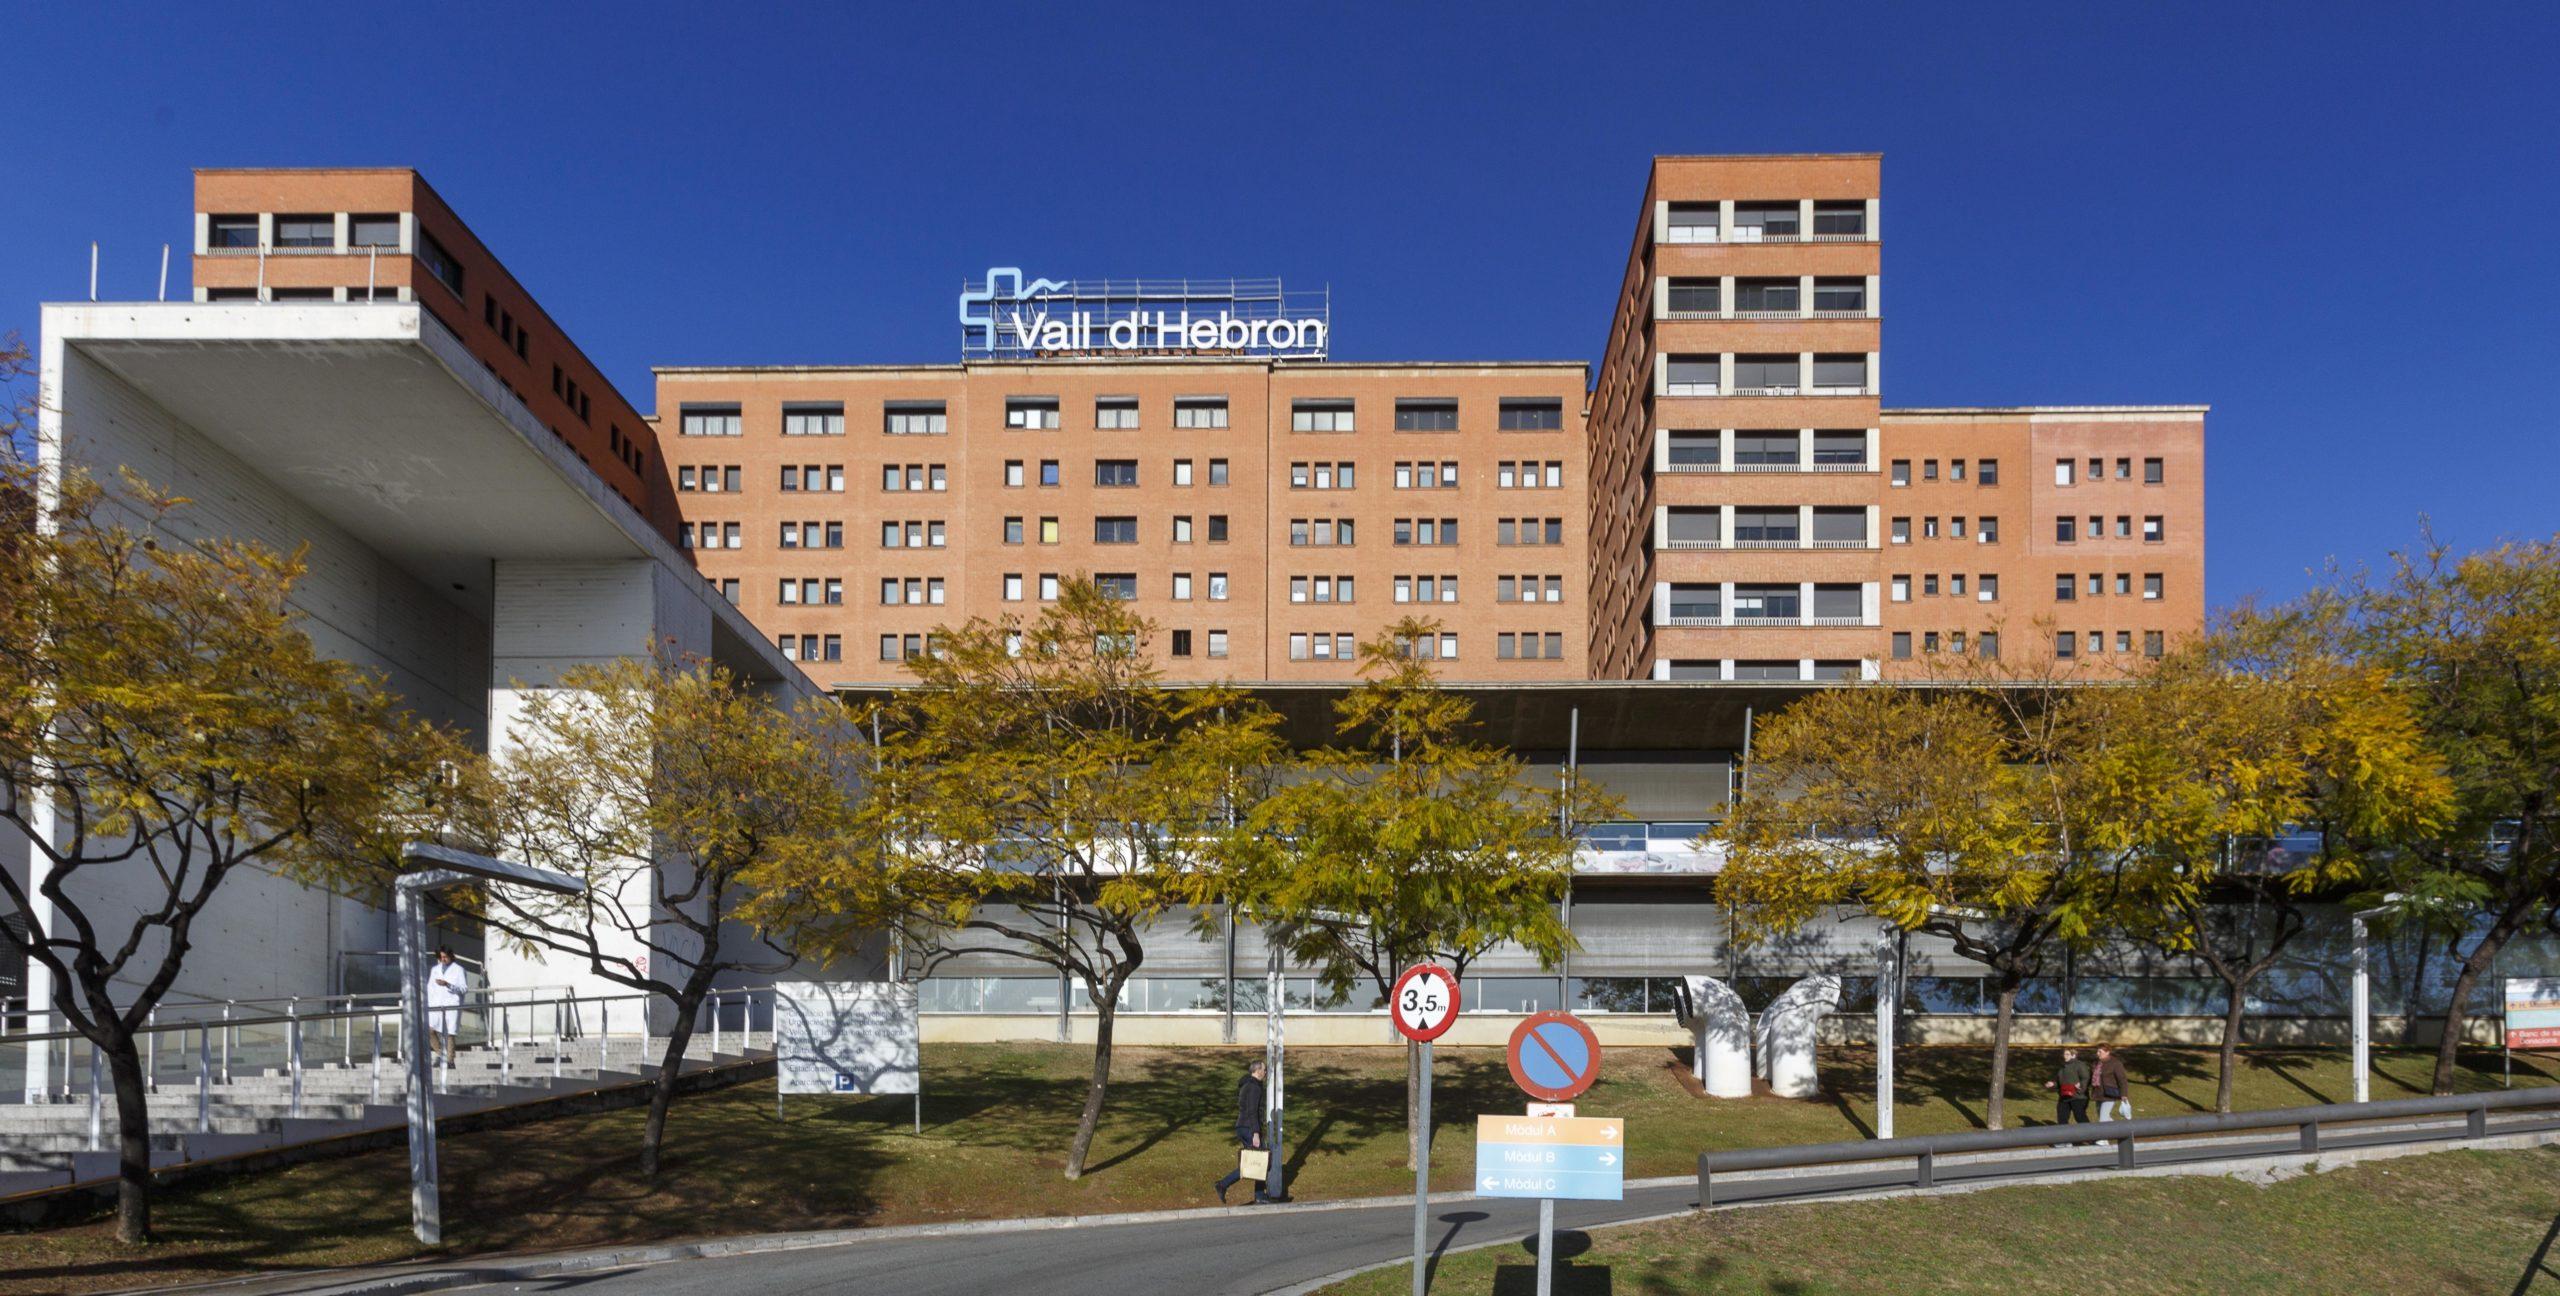 Façana de l'Hospital Vall d'Hebron   Valldhebron